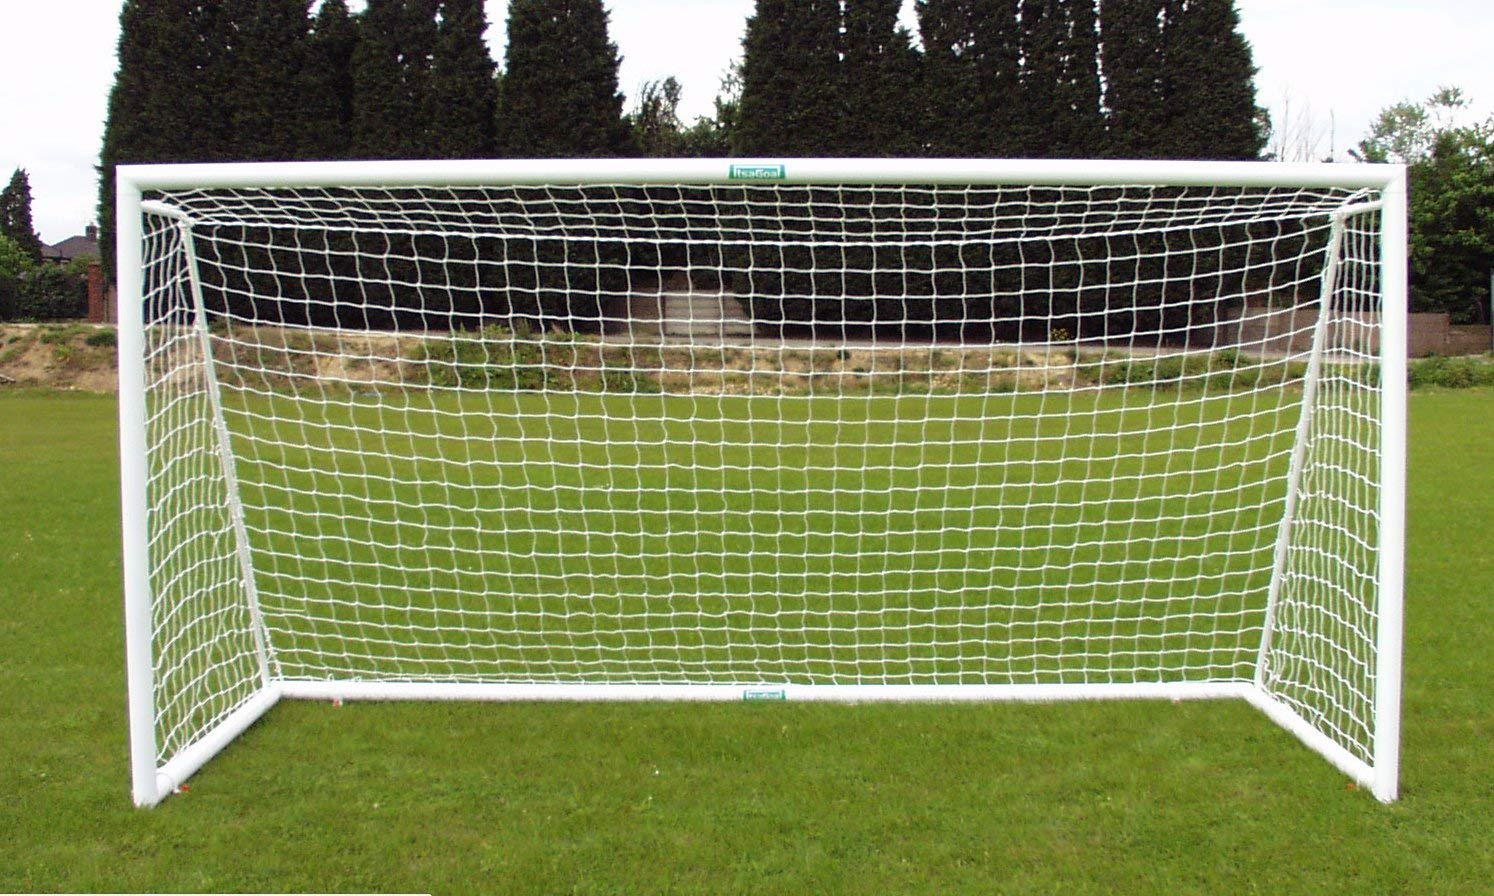 cb480874c Get Quotations · Holarose Soccer Goal Net, Football Goal Net Replacement Soccer  Goal Nets and Soccer Goal Straps